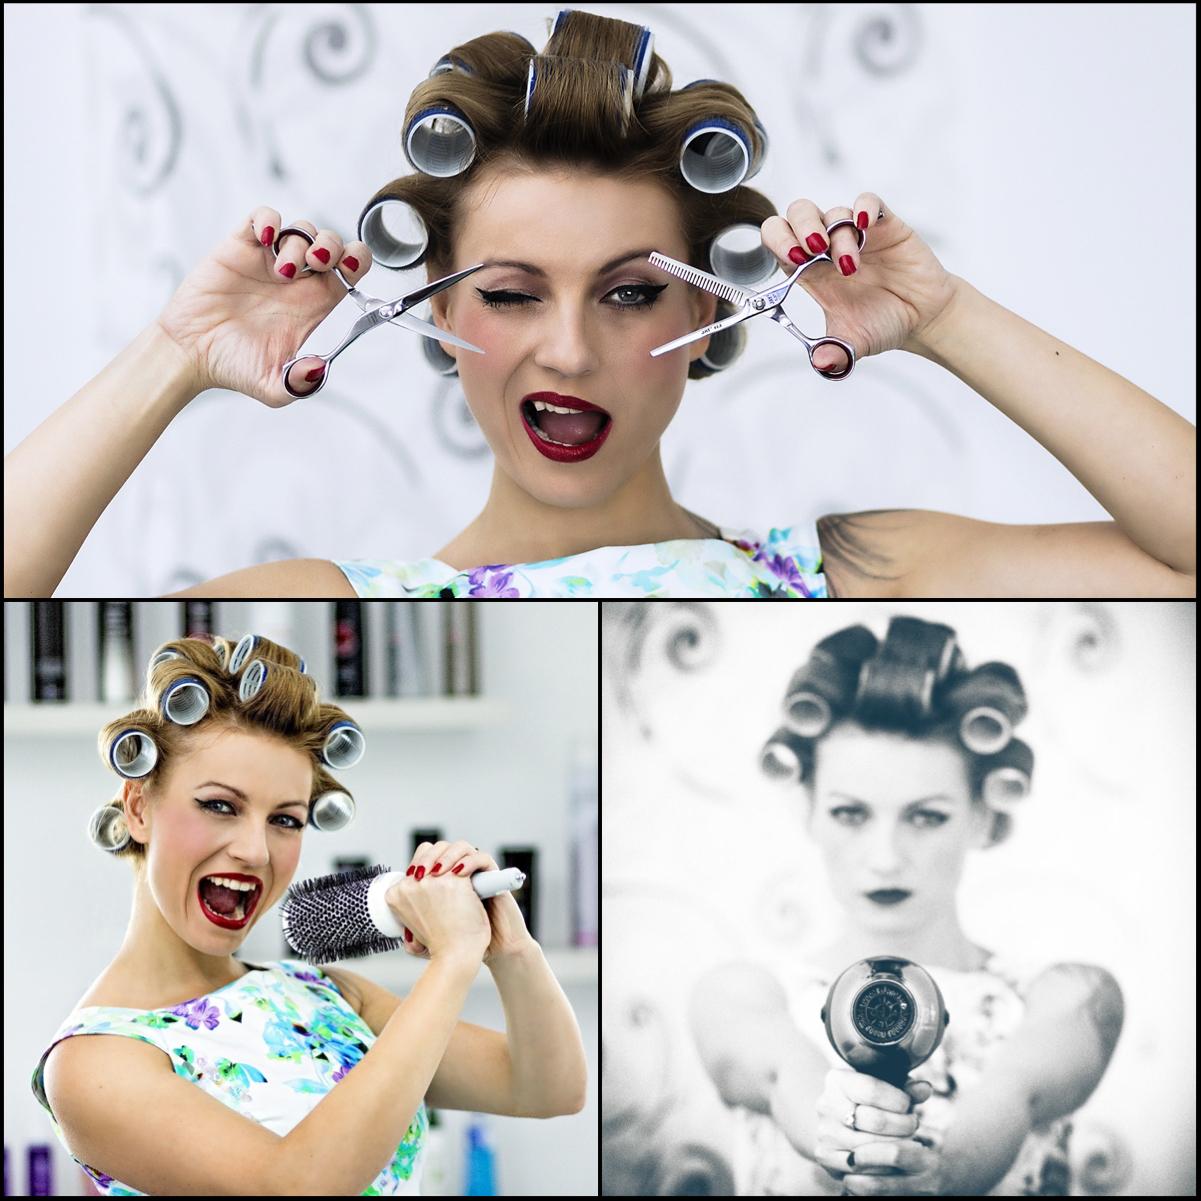 Eva se dokáže také dokonale odvázat, což dokázala na svých úžasných fotkách k propagaci svého salónu Hair Salon Renesance.